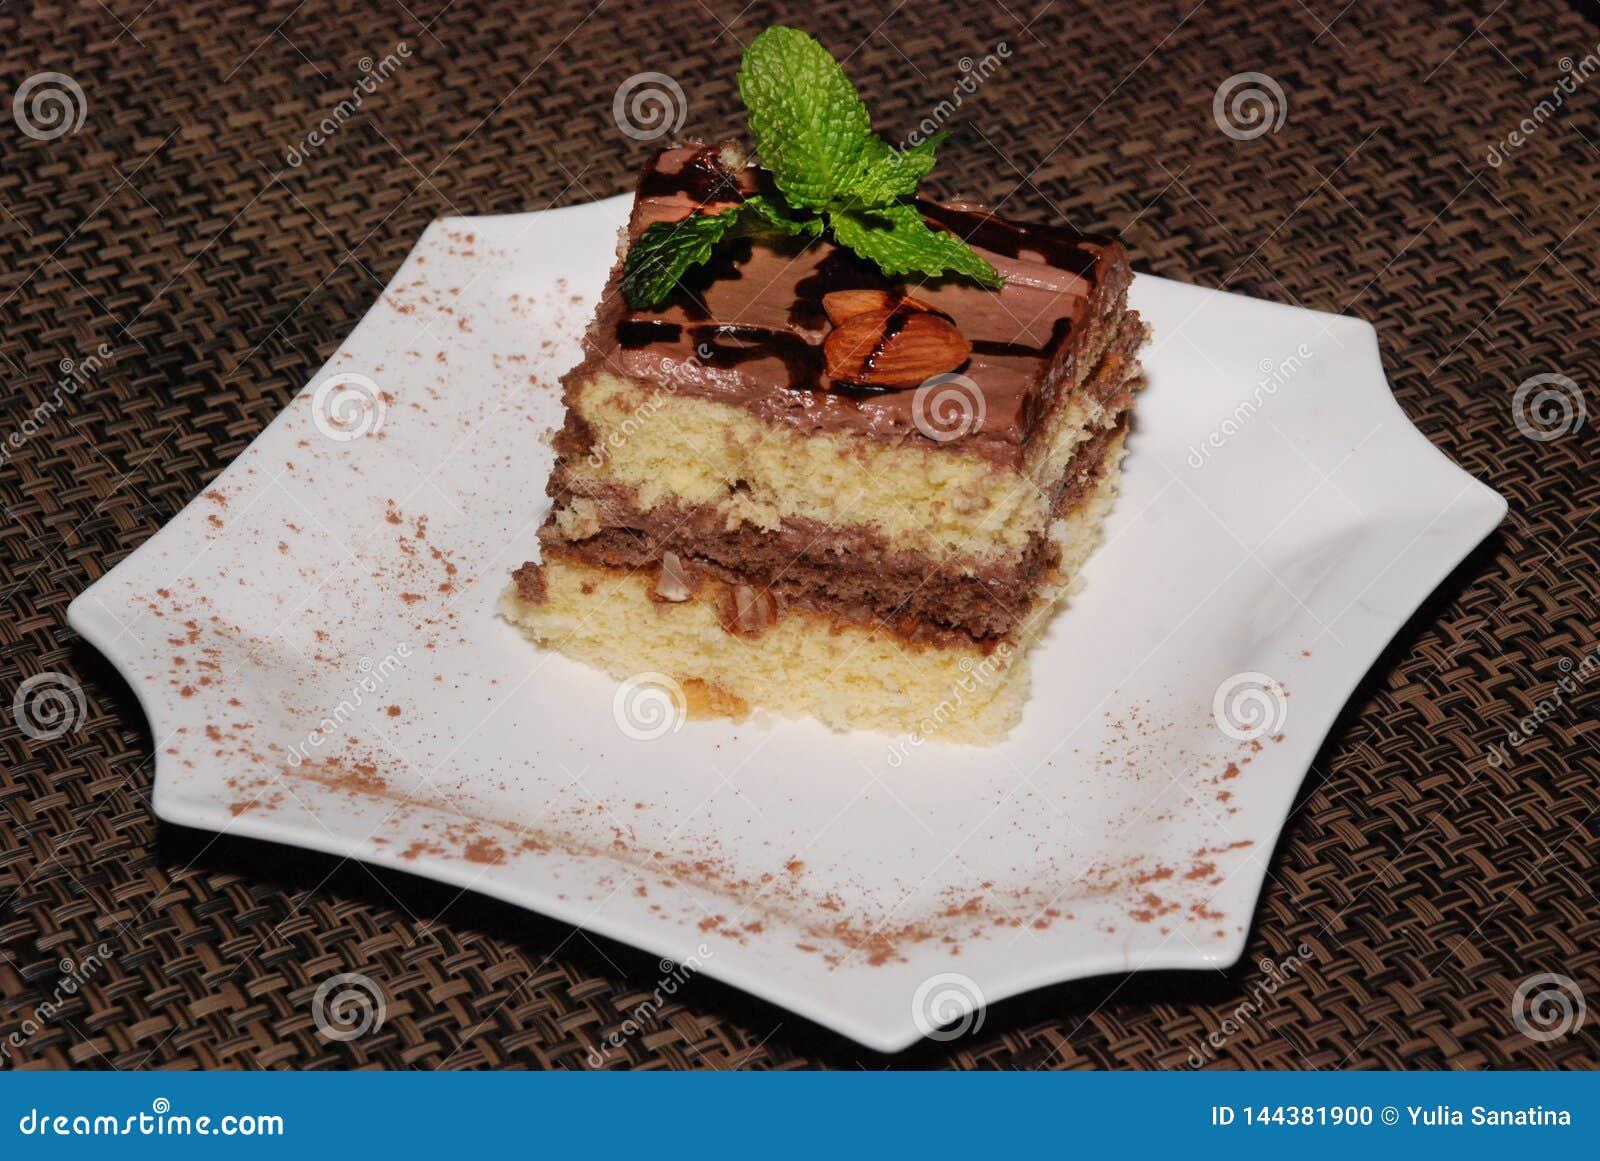 Quadratisches Stück des Kuchens mit Schokolade und Mandel auf der weißen Platte